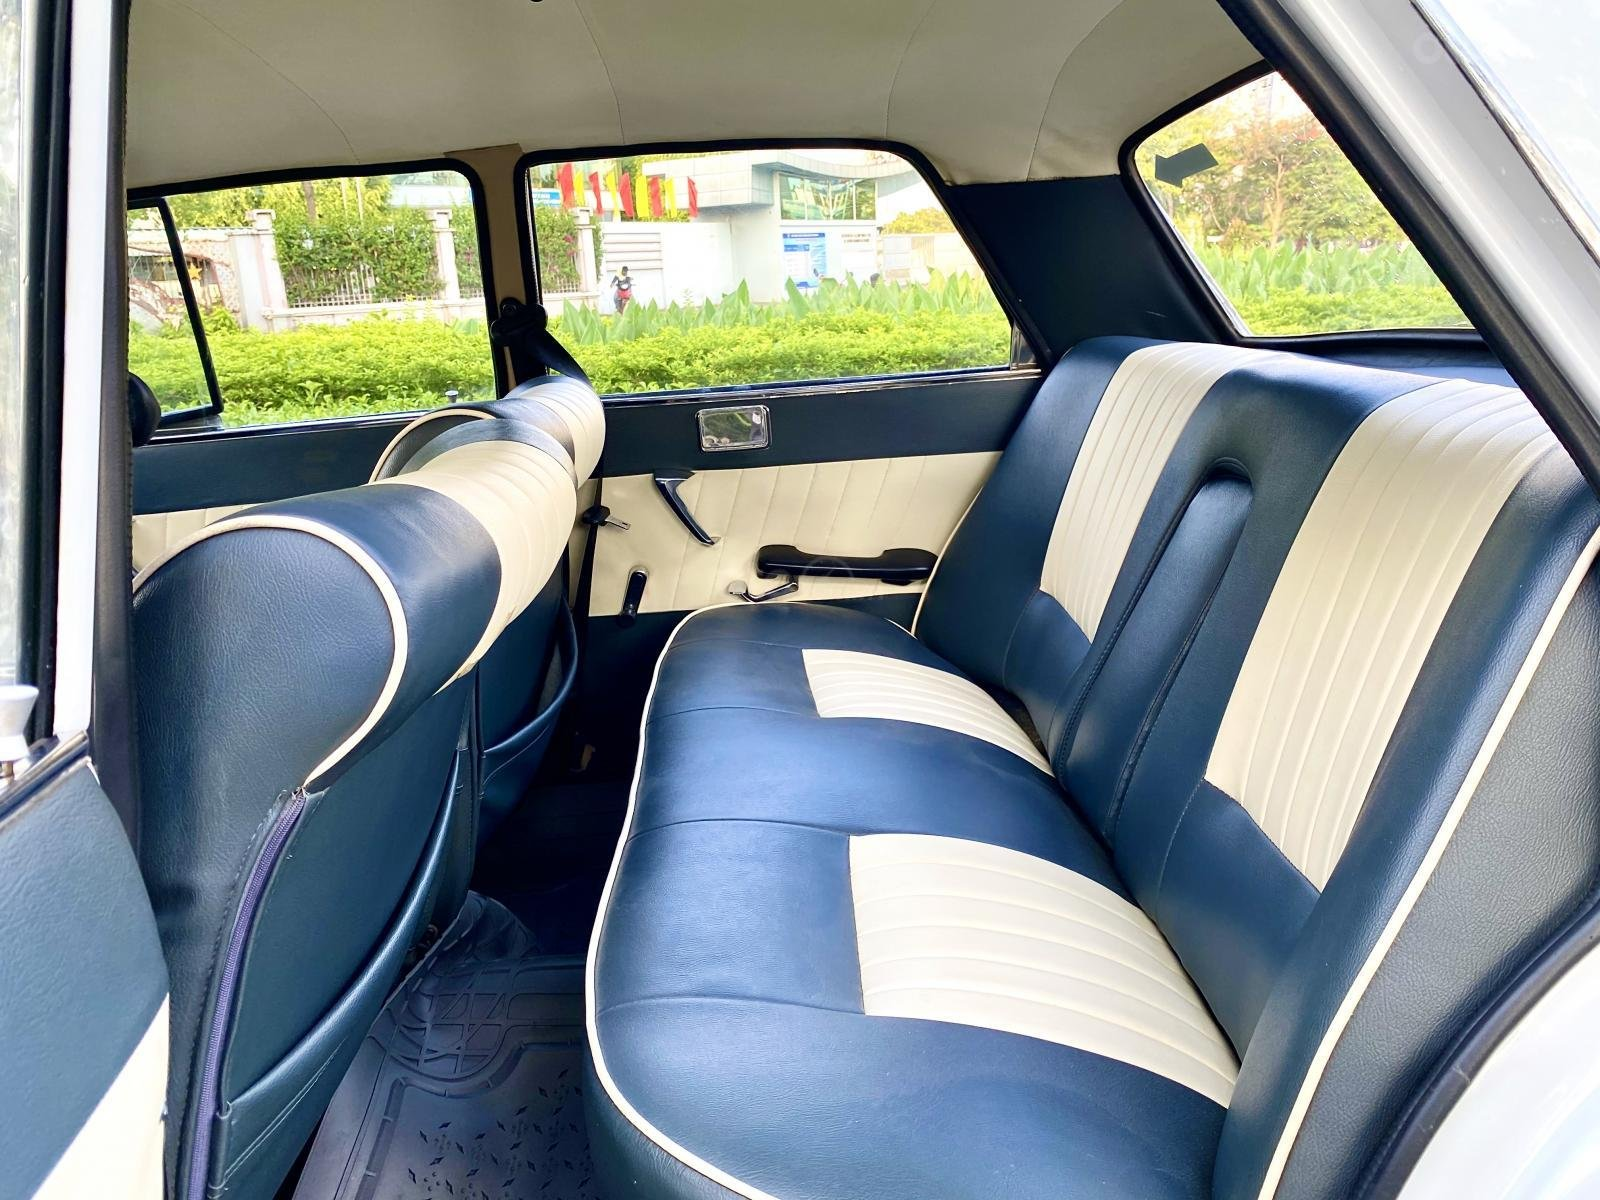 Peugeot nhập Pháp trước 1965 màu trắng, hàng full cao cấp, đủ đồ chơi không thiếu món nào, nội thất nệm da hai màu (2)